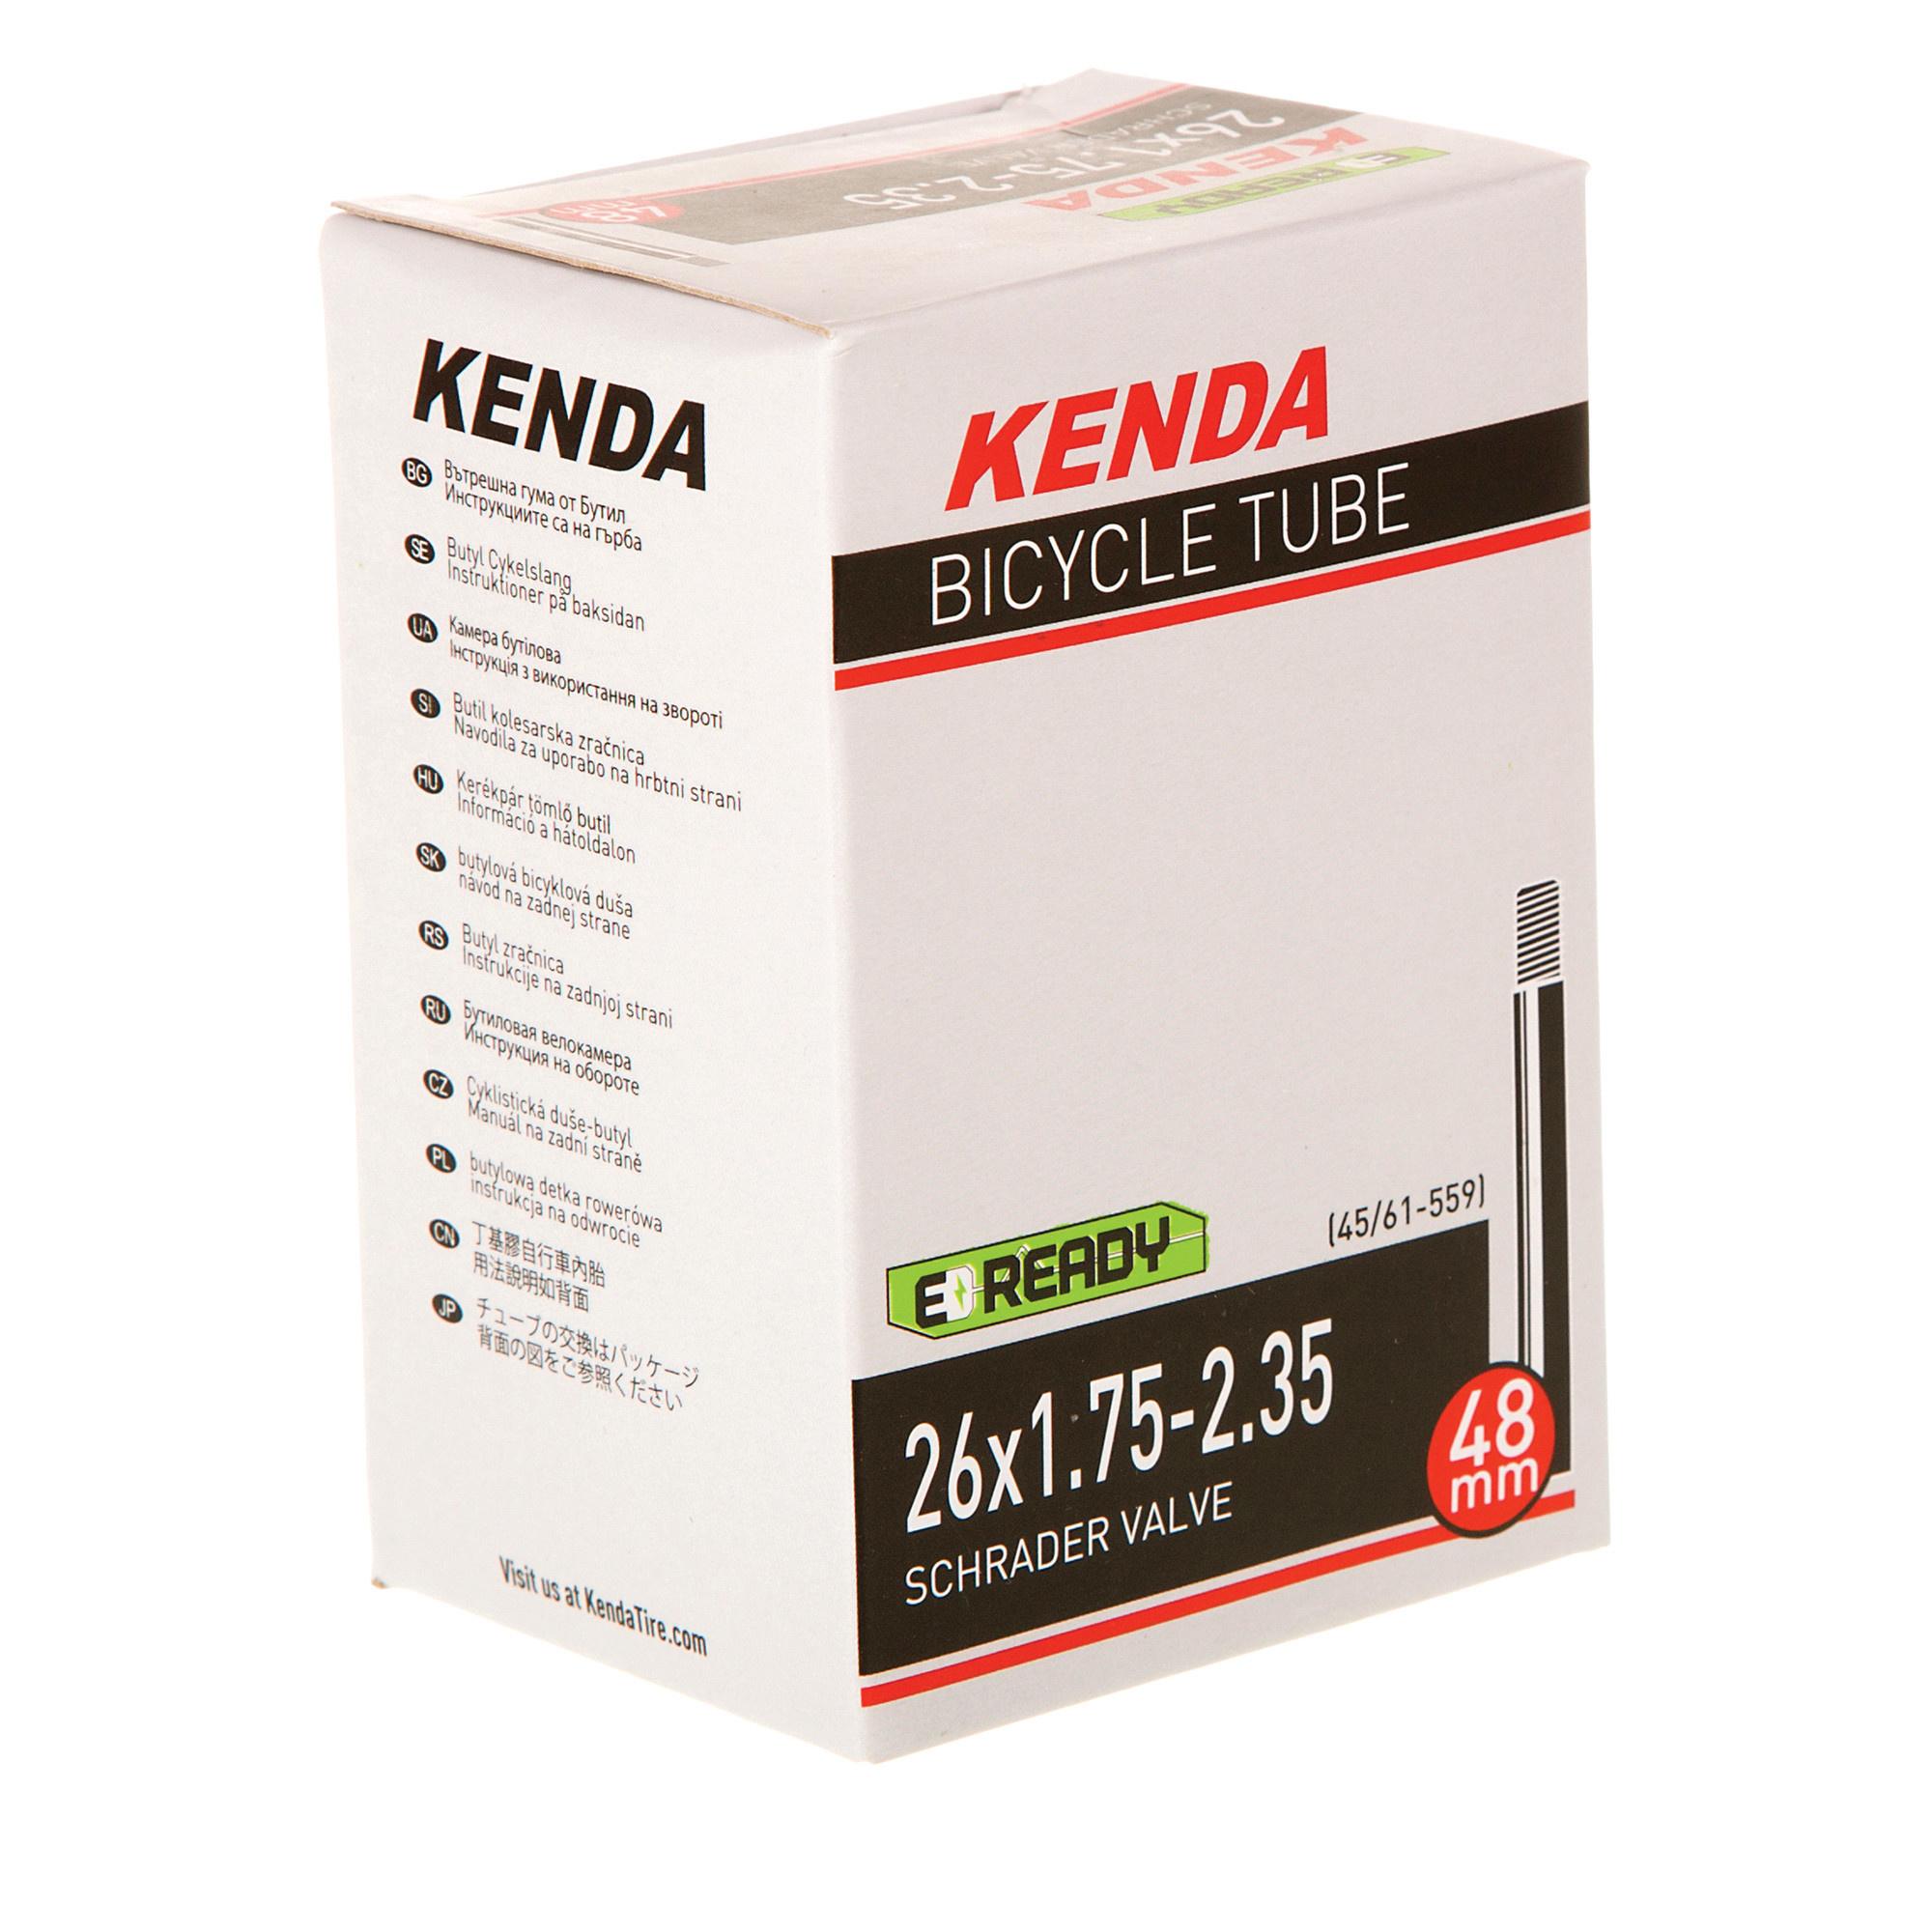 Kenda Tube, 26 X 1.75-2.35, Presta, Kenda